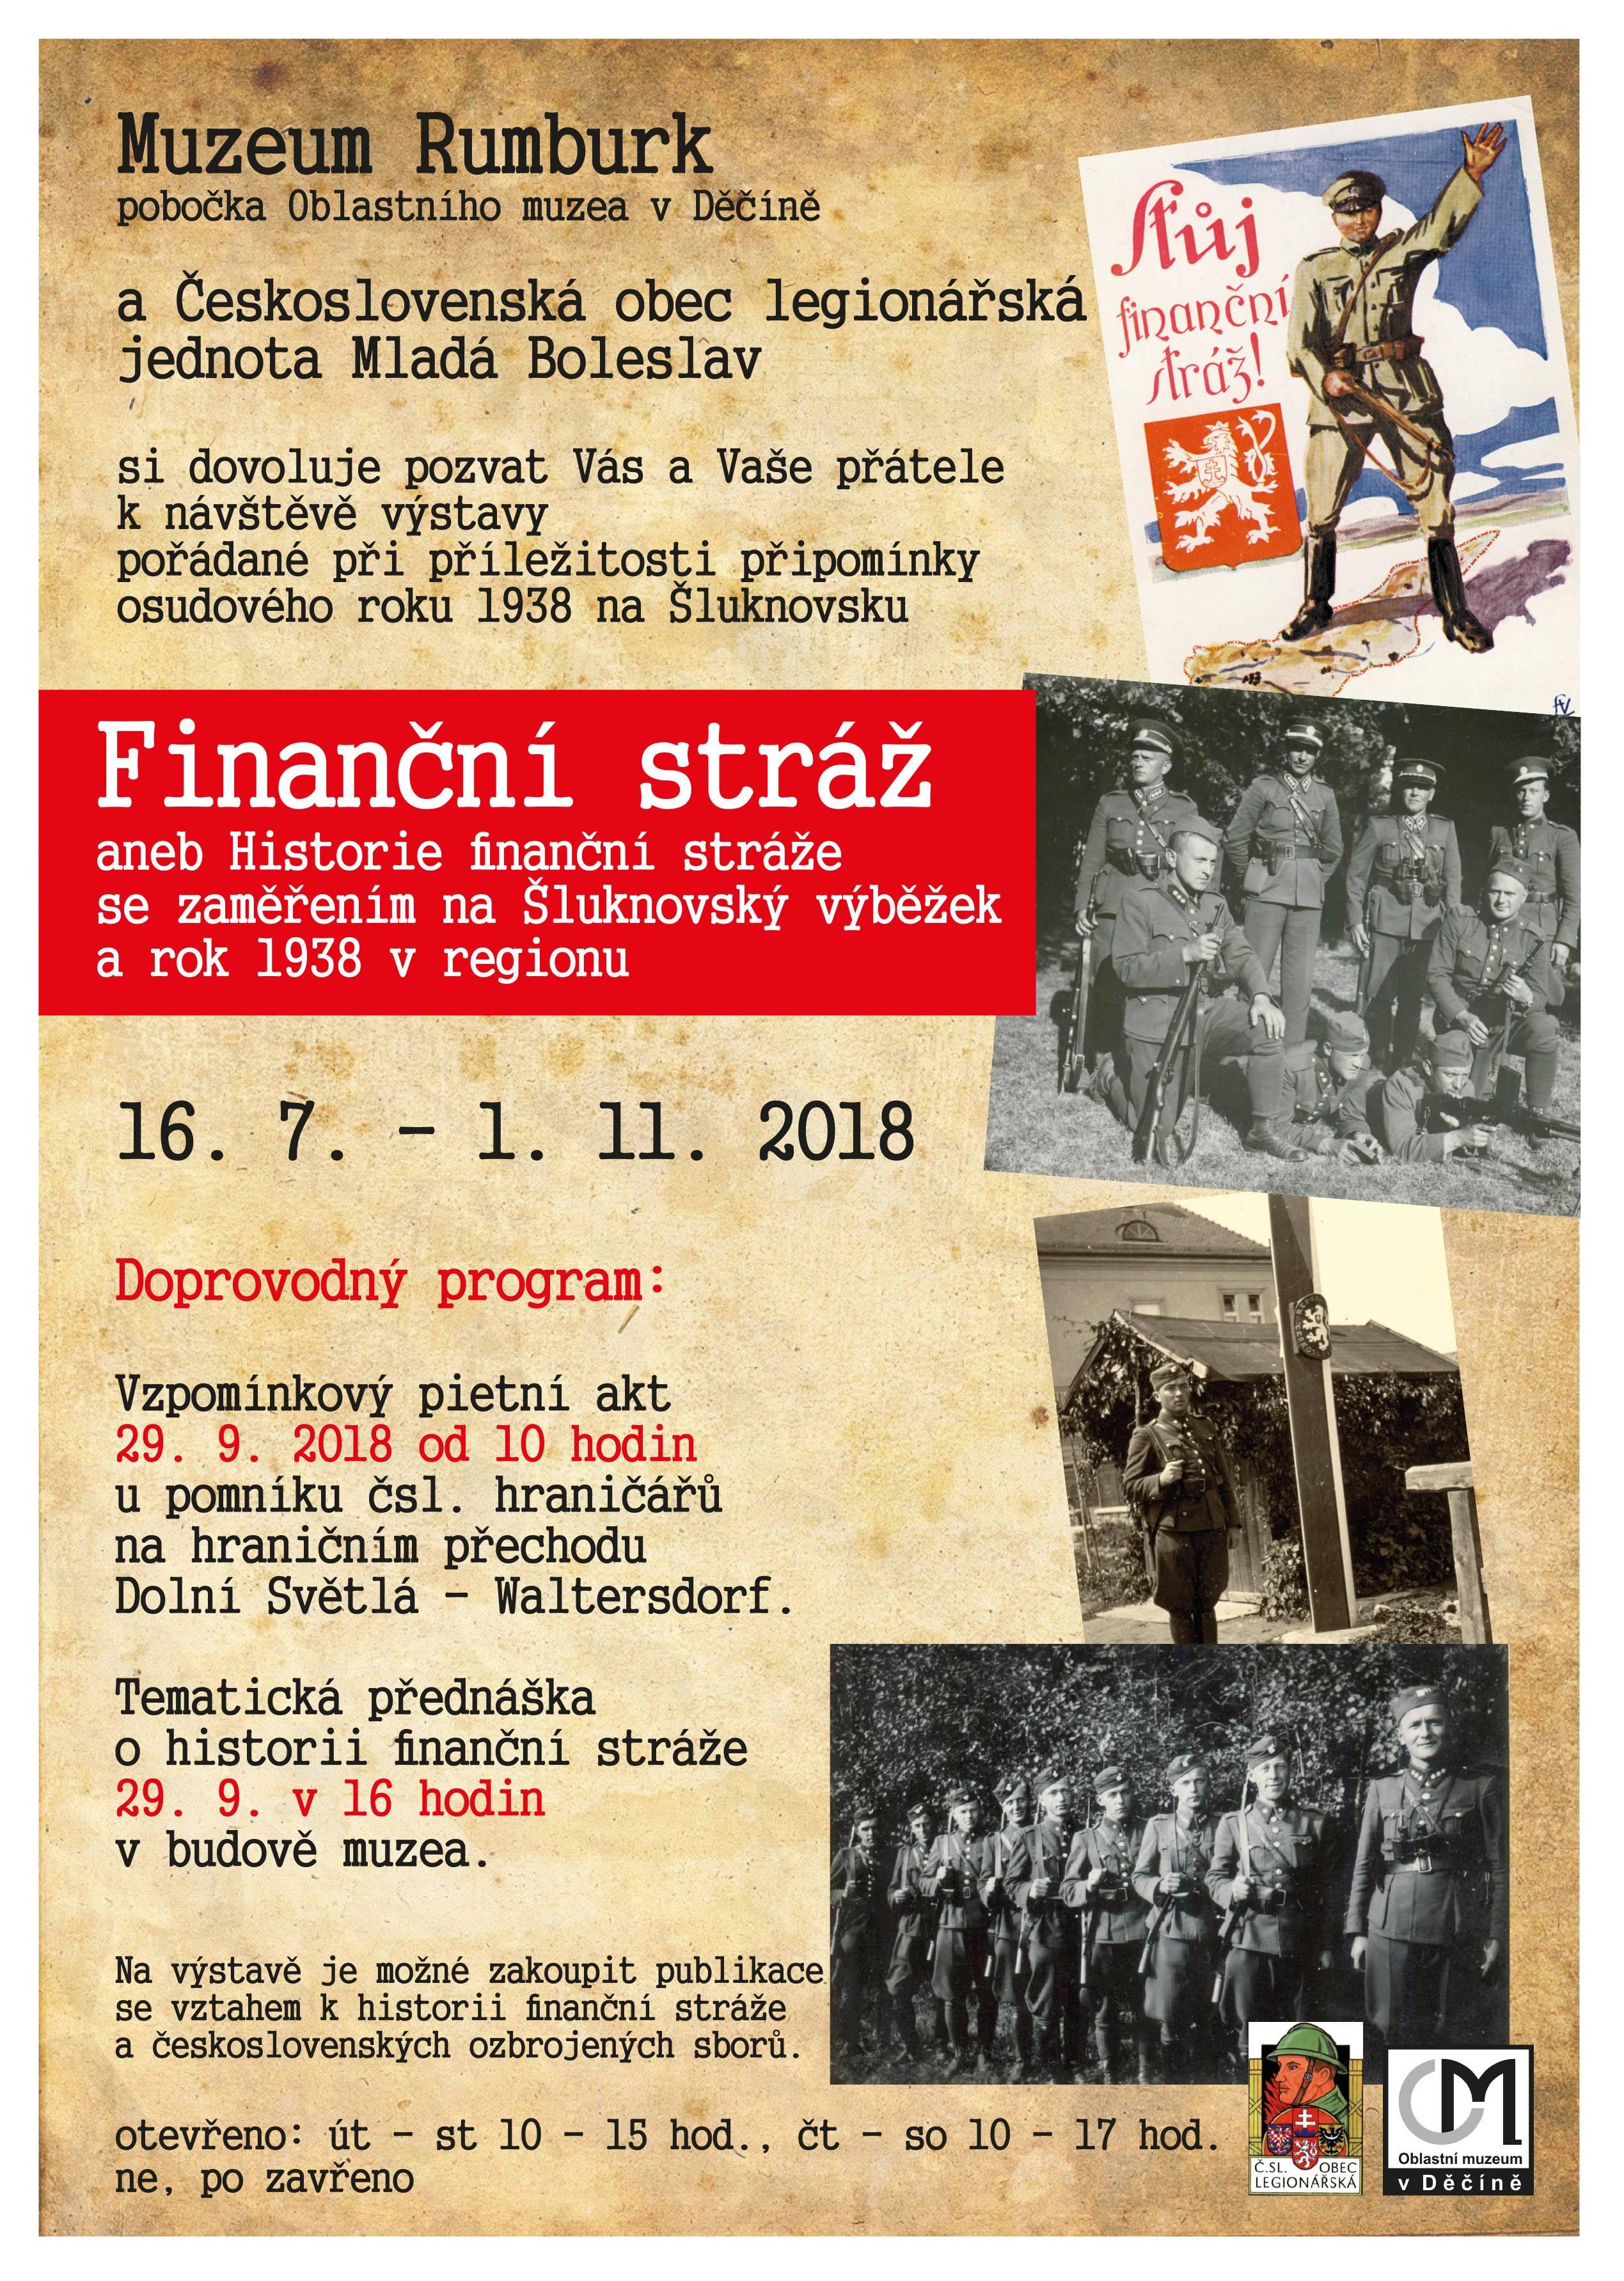 Finanční stráž aneb Historie finanční stráže se zaměřením na Šluknovský výběžek a rok 1938 v regionu